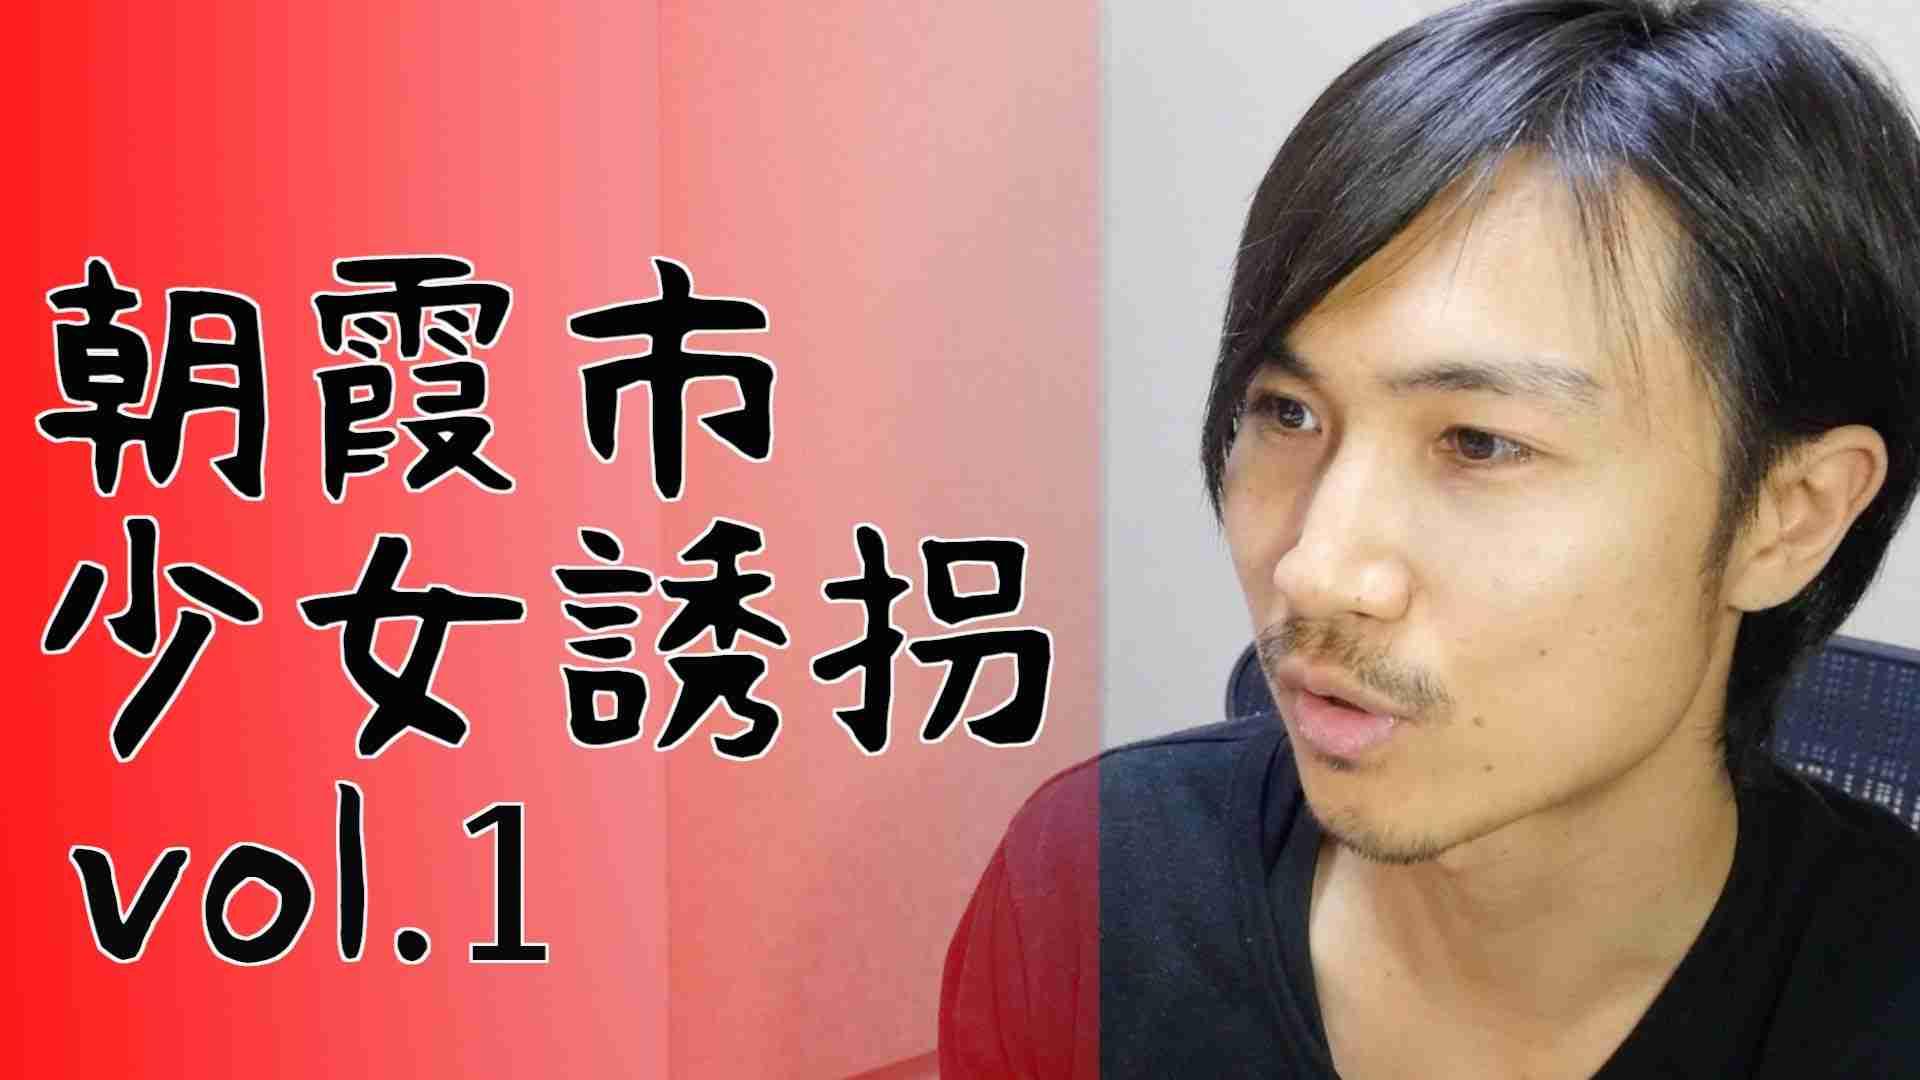 朝霞市女子中学生監禁事件は、女子生徒の意思で同棲していた。vol.1 - YouTube